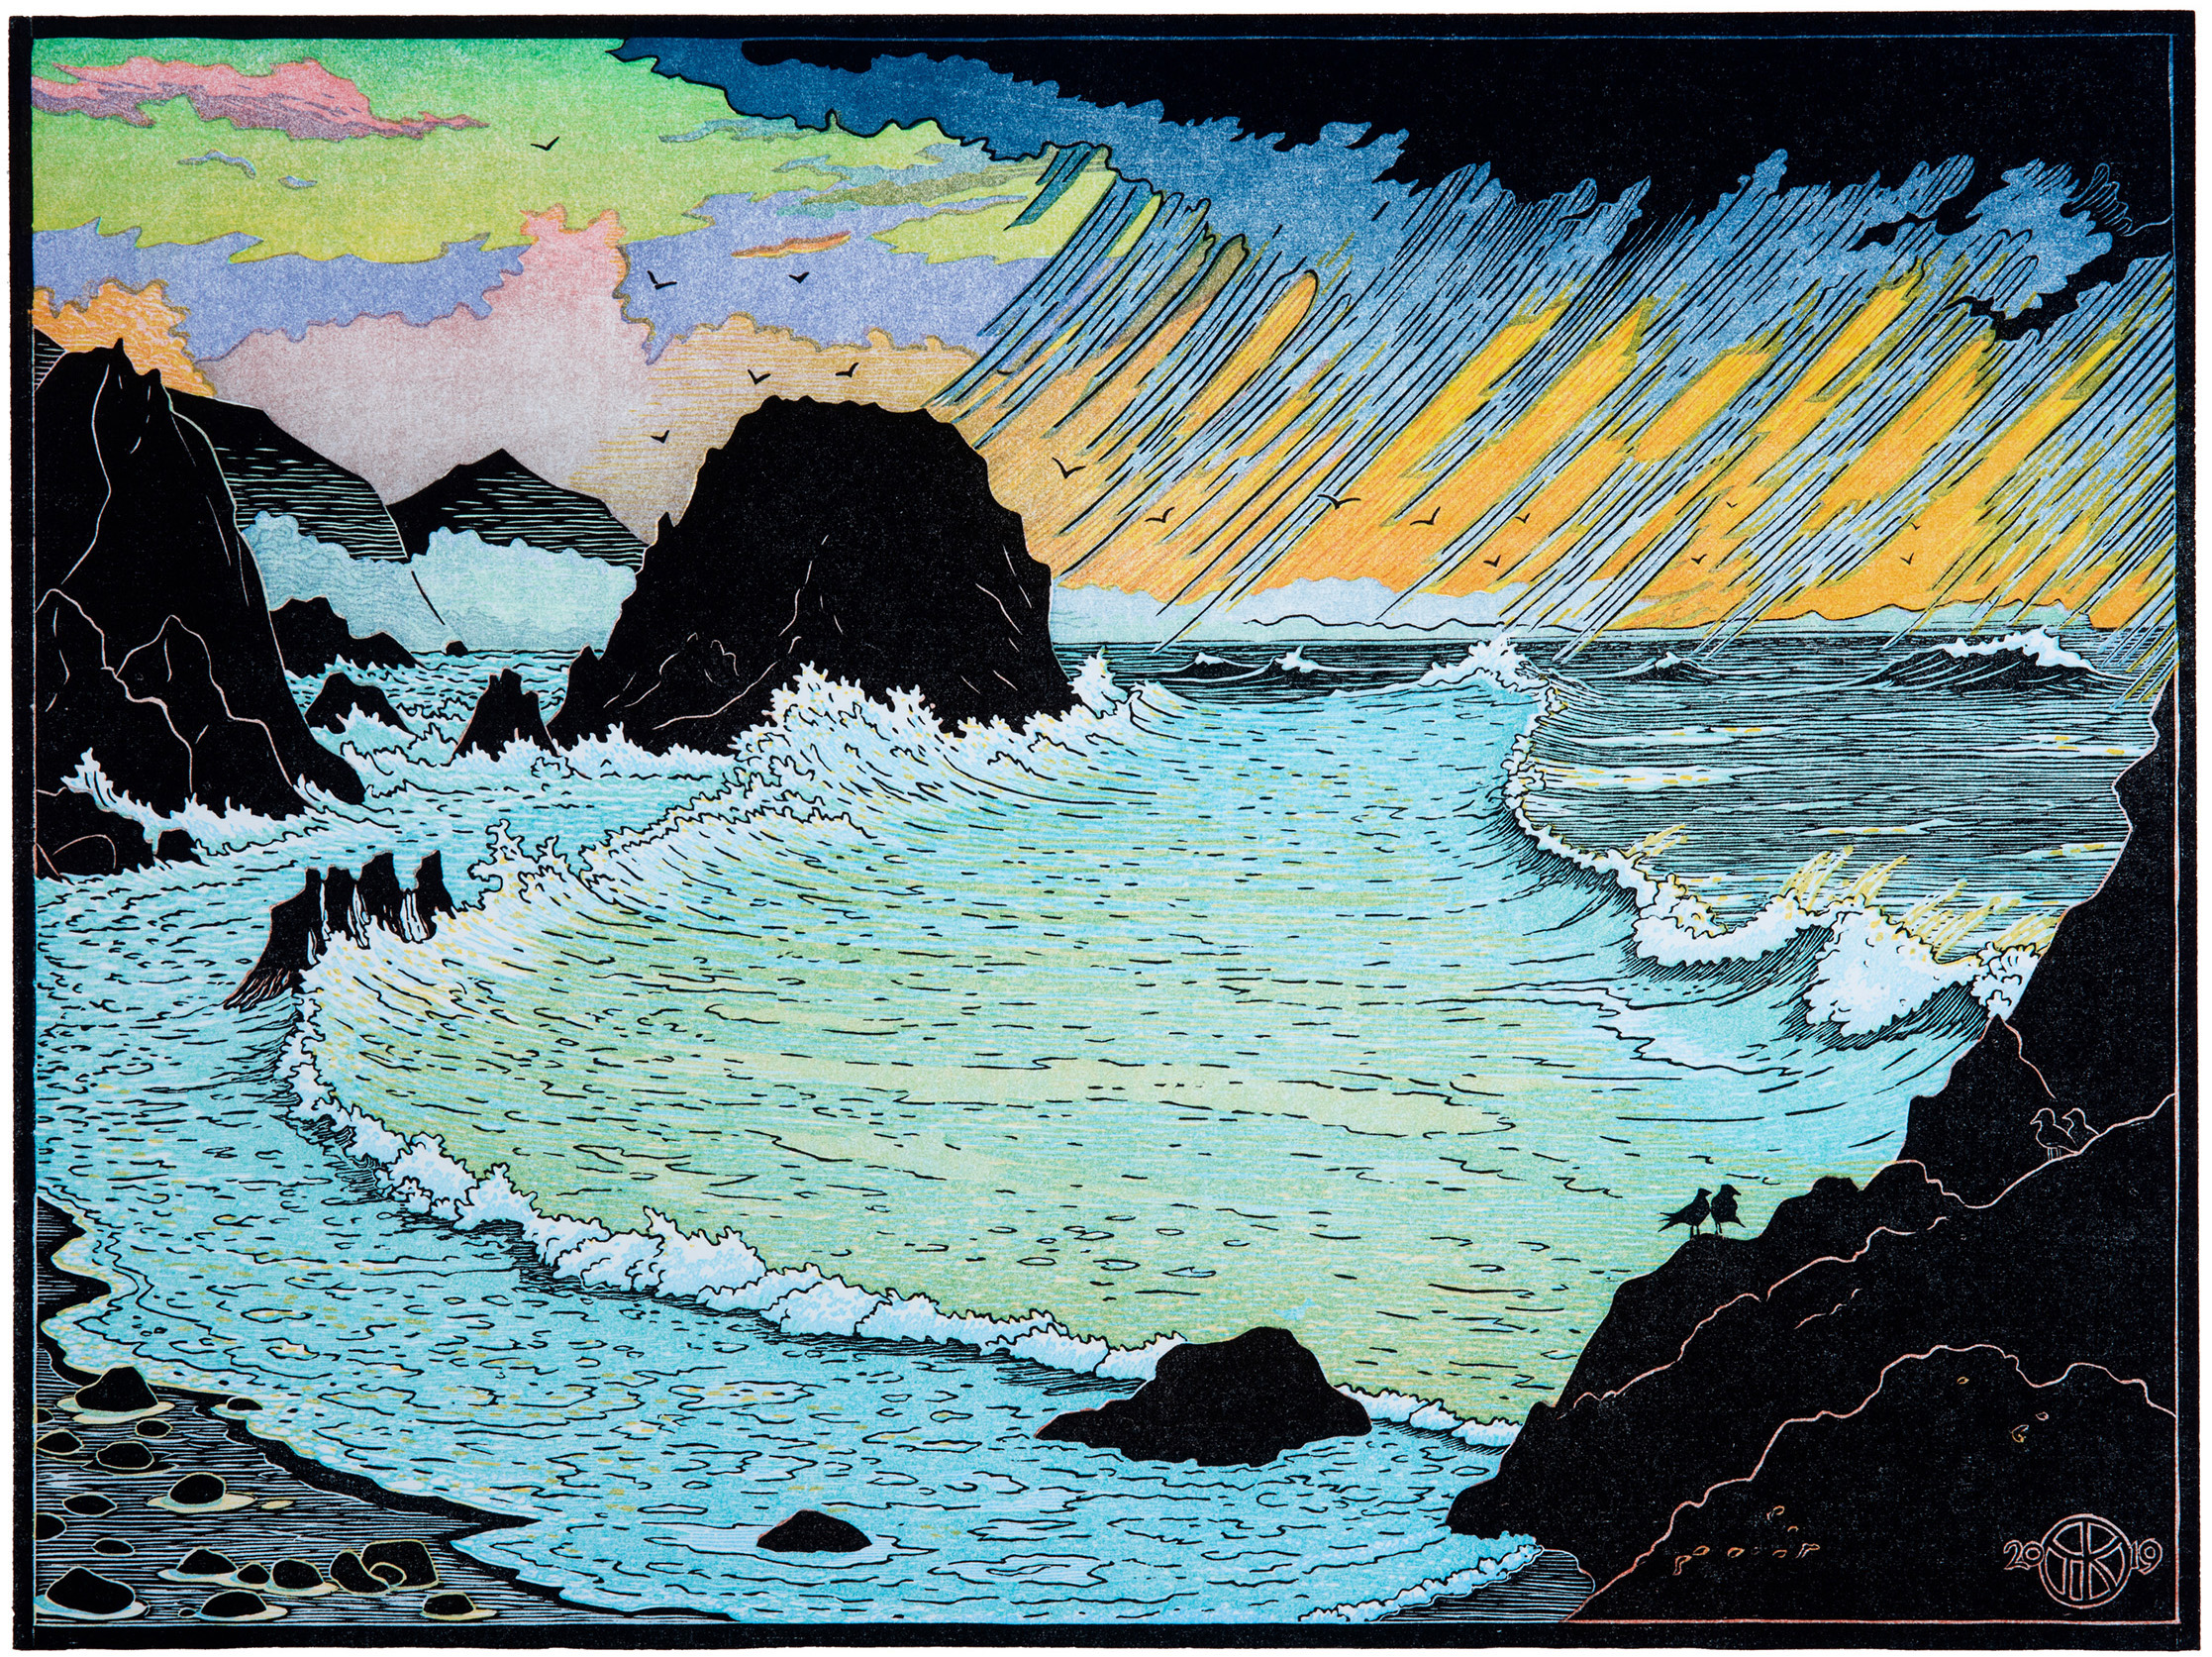 Elephant Rock, Pt. Reyes — Killion's newest woodcut print